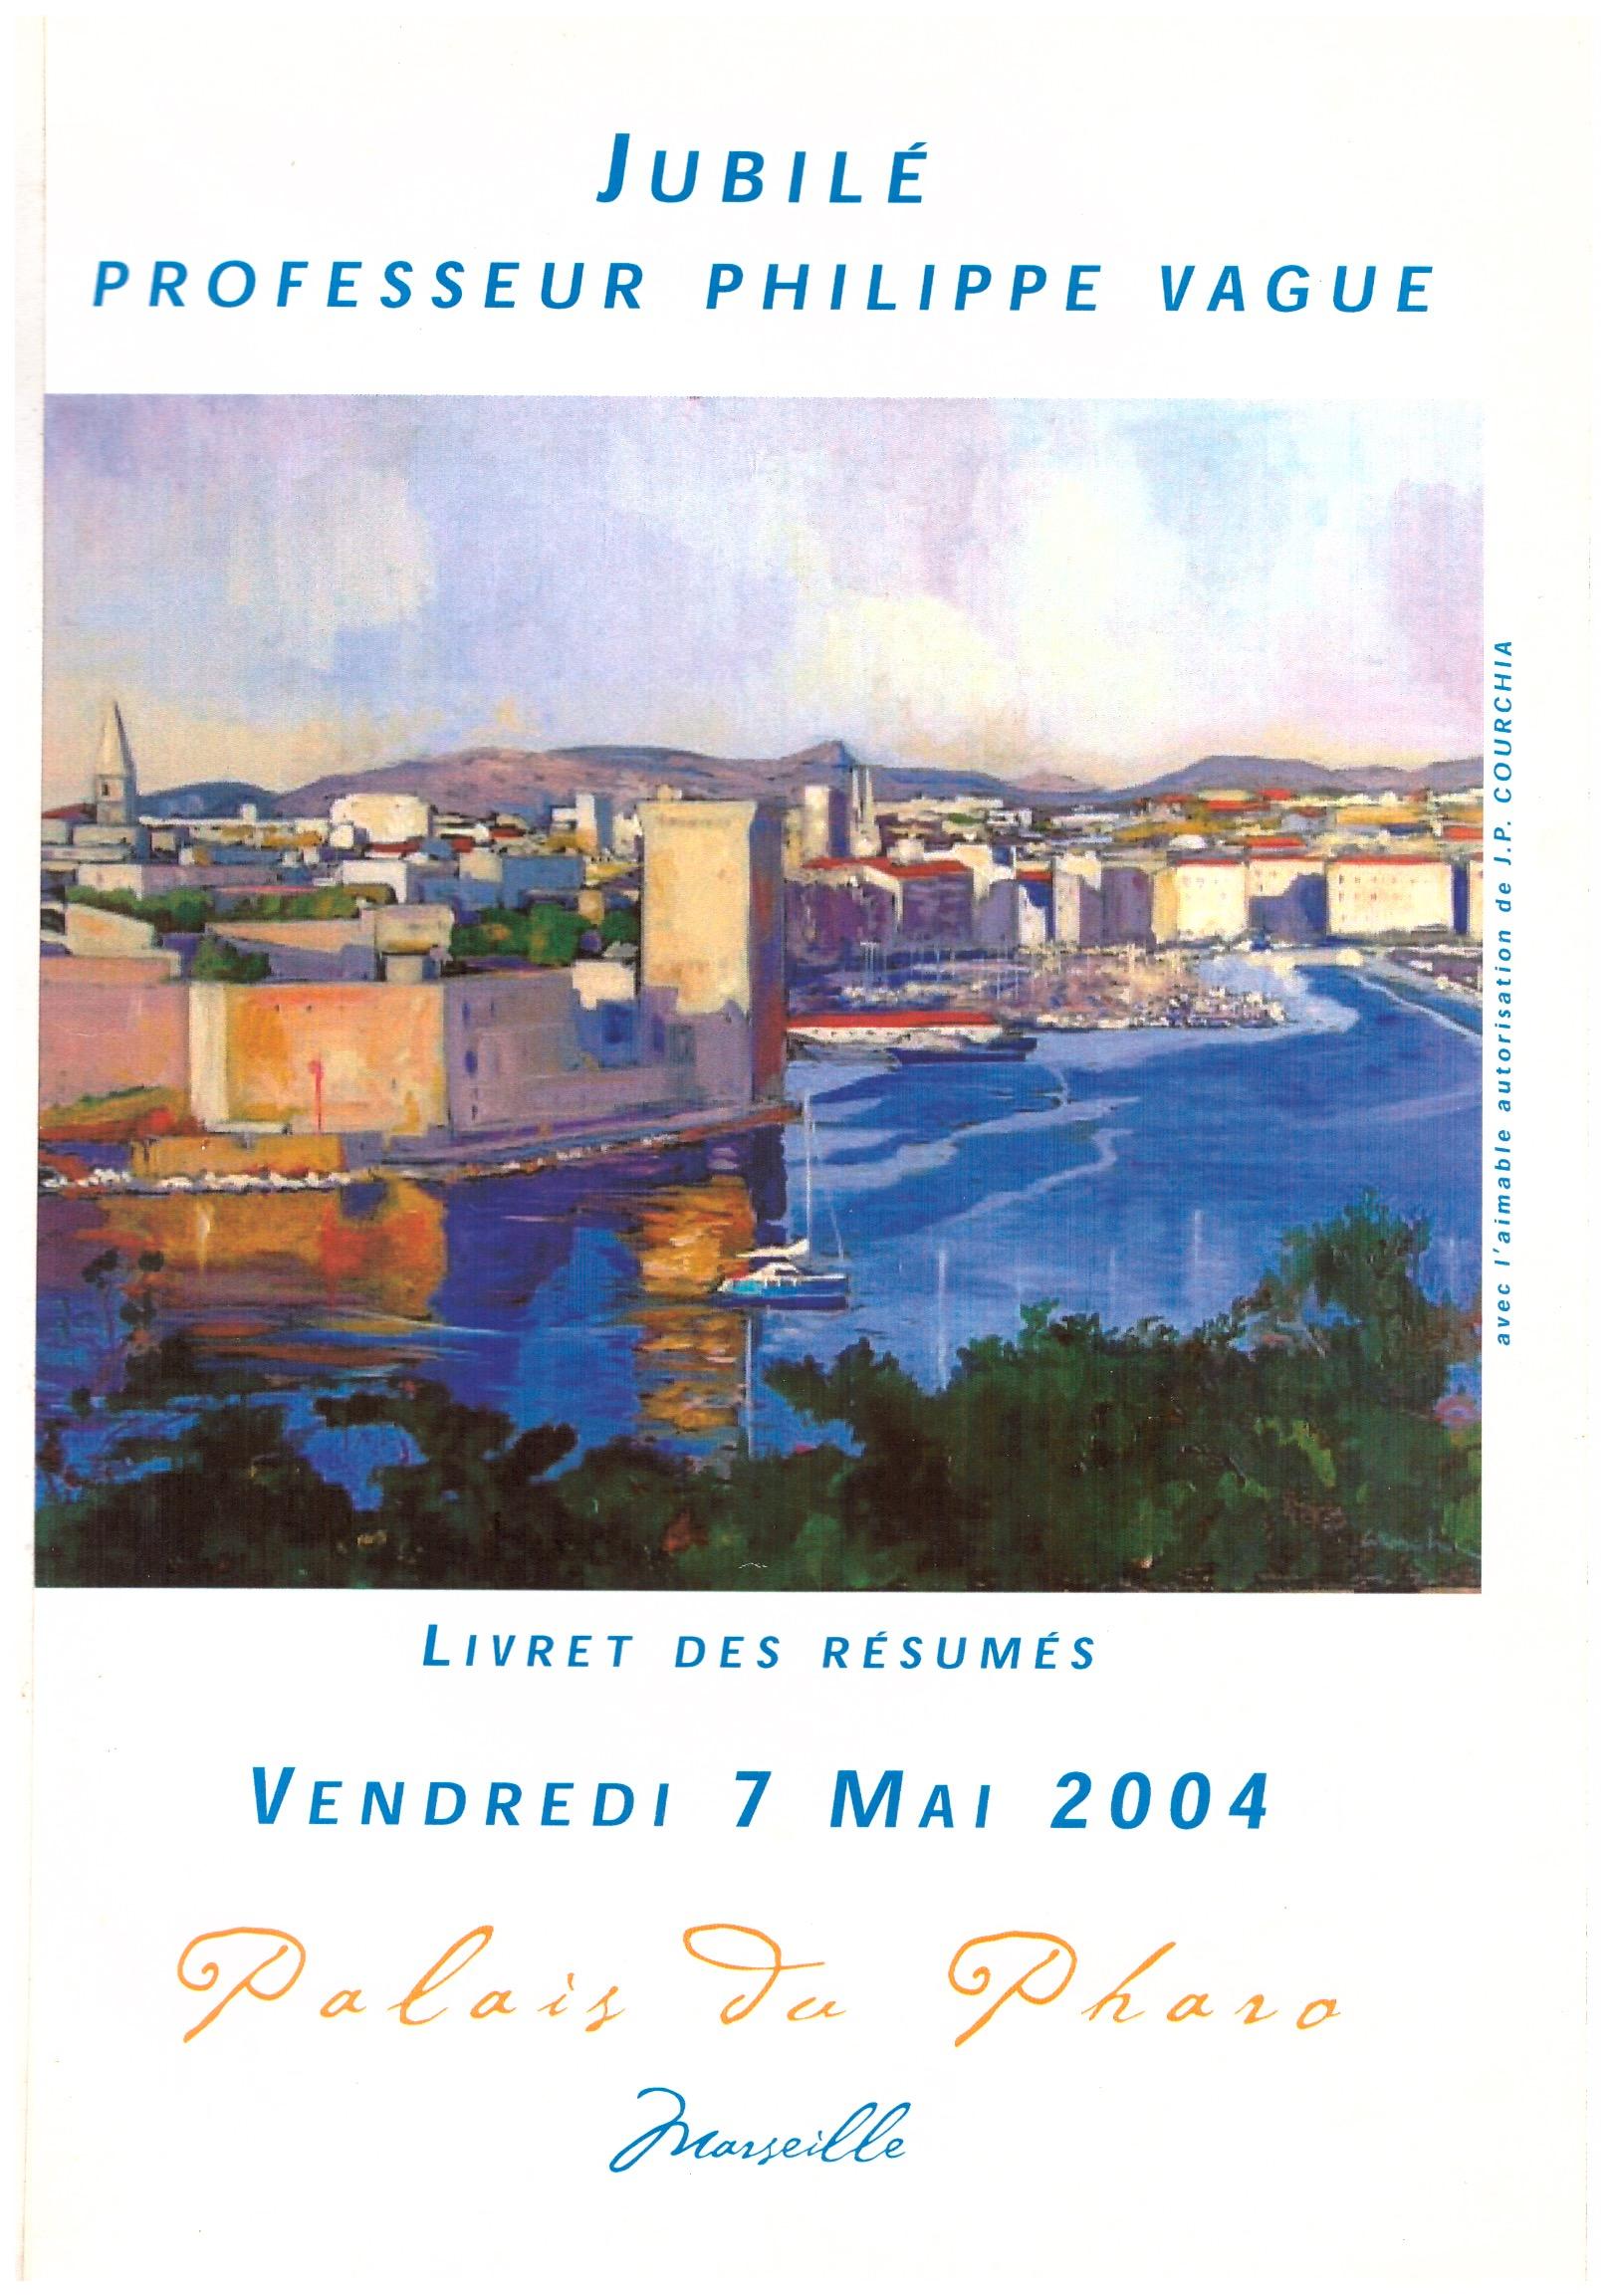 2004 JUBILE JEAN VAGUE 1